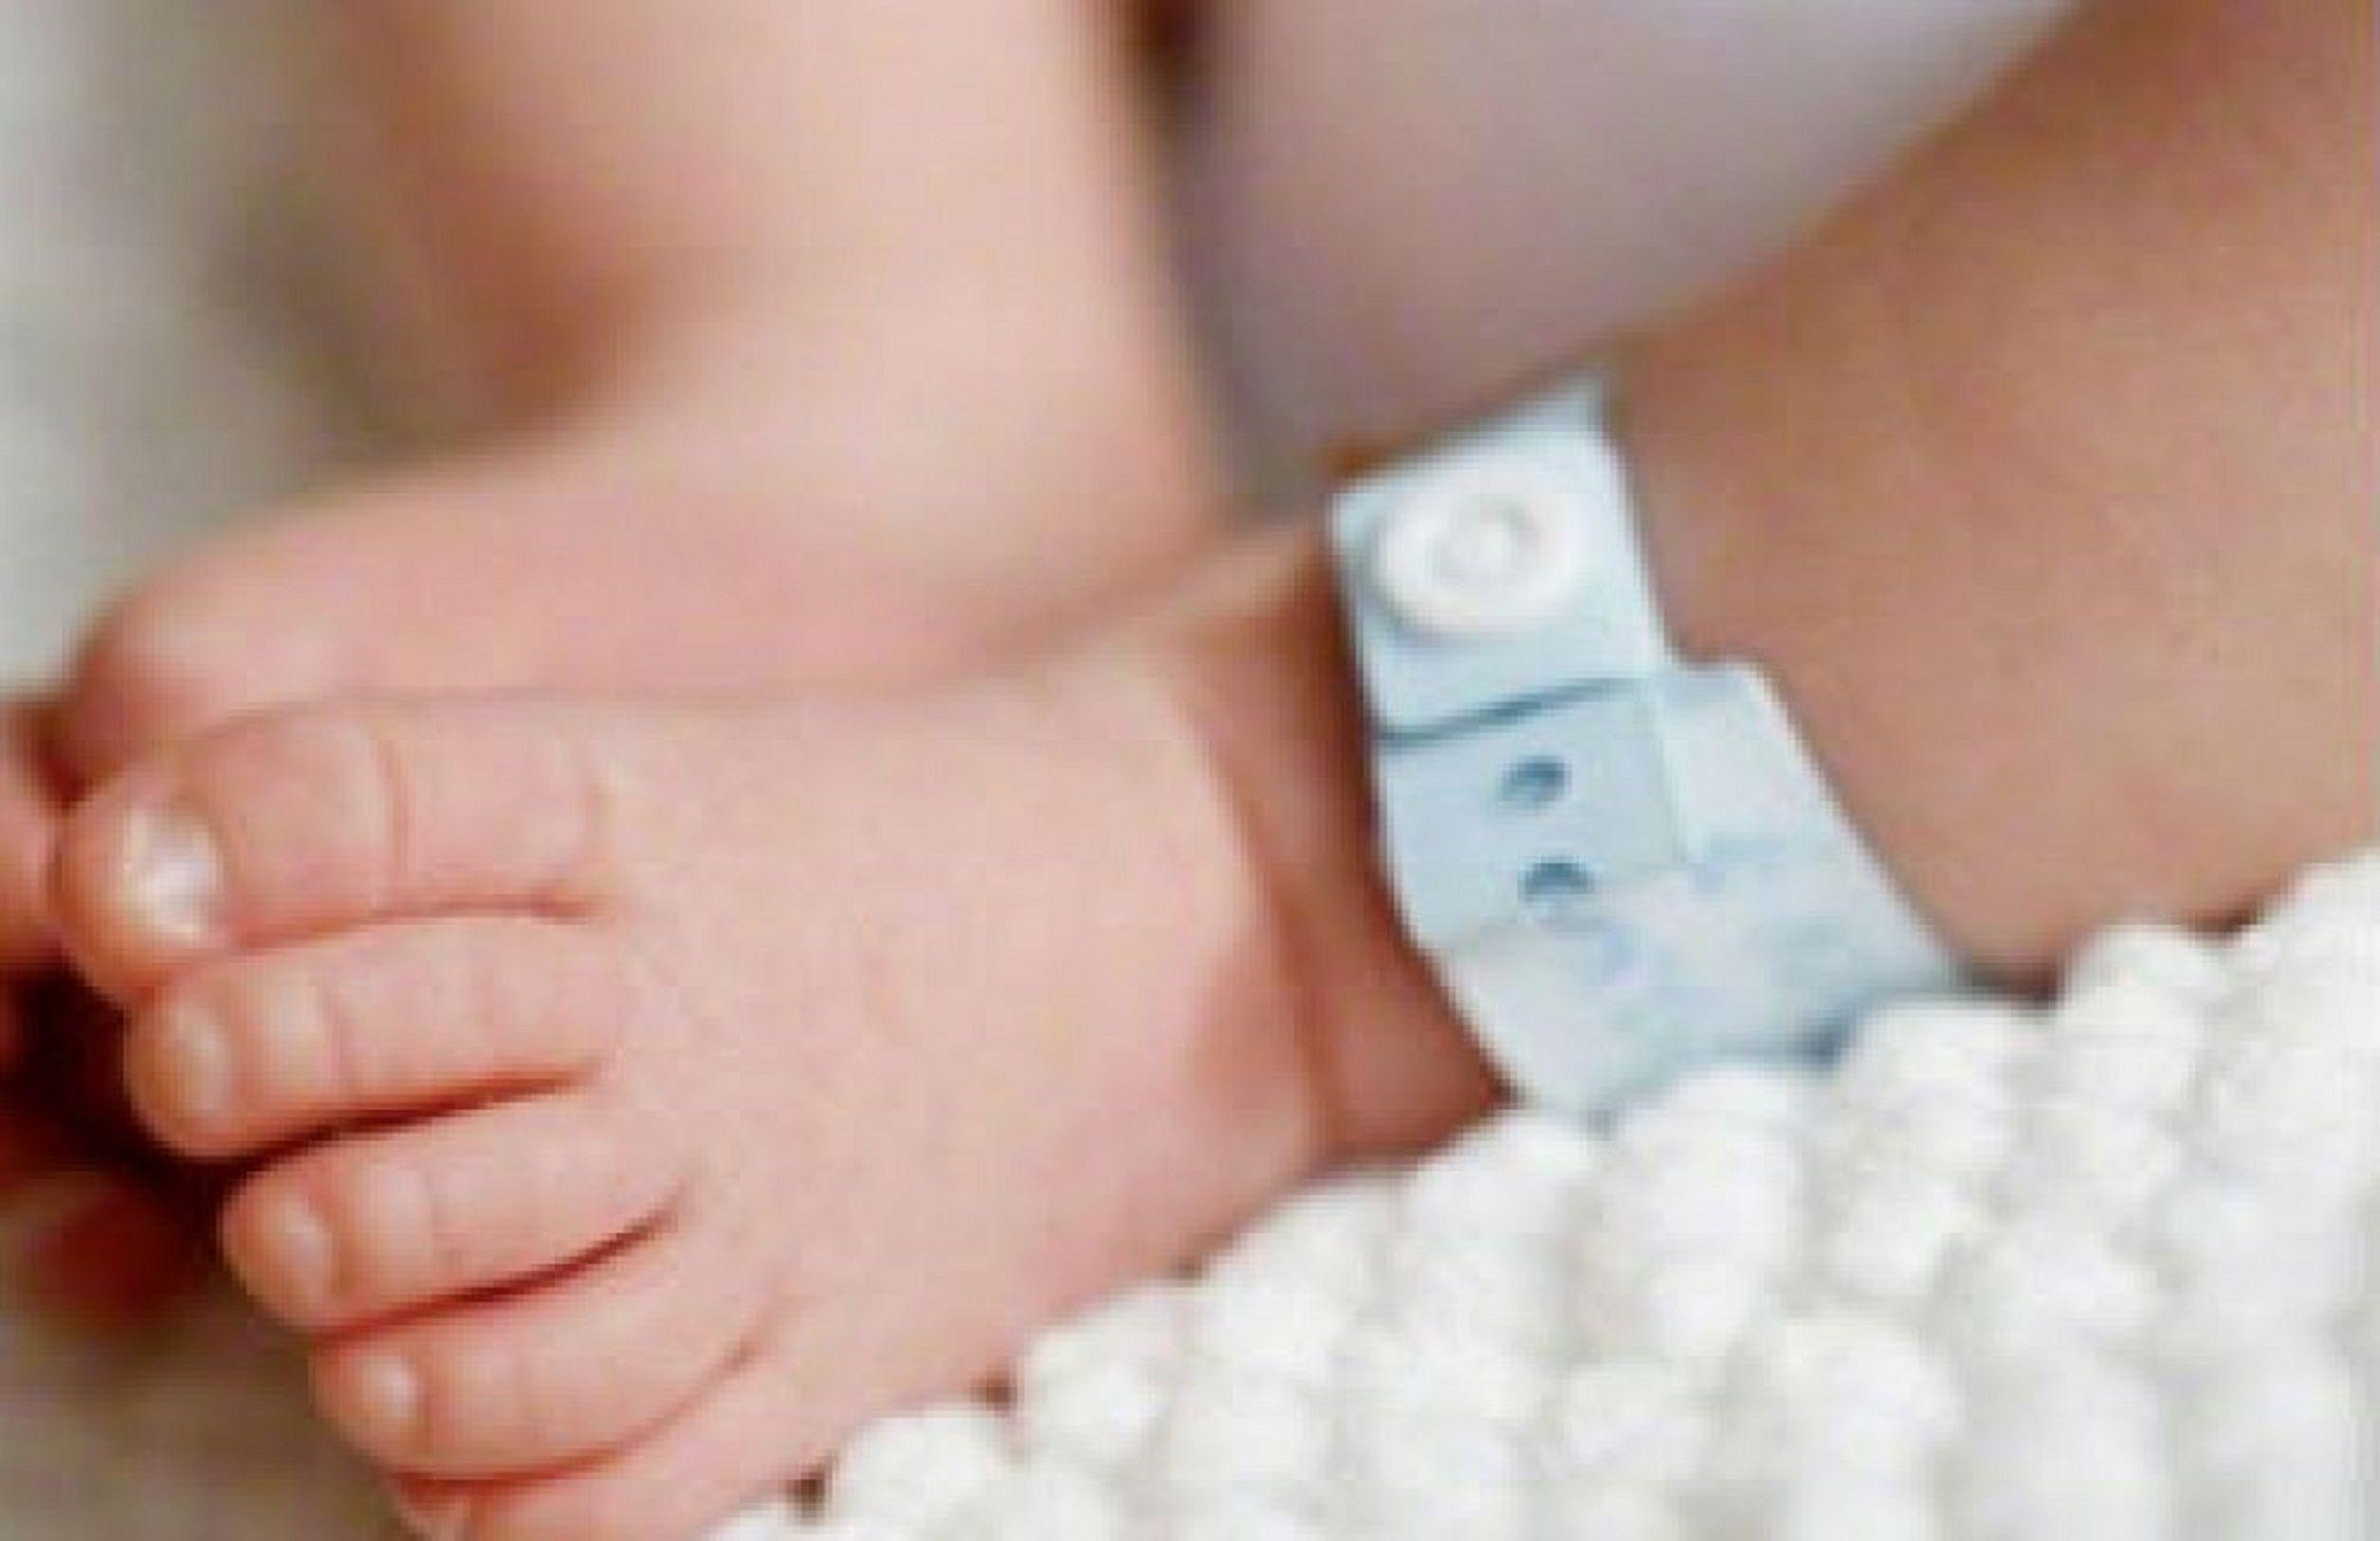 Un bebé murió de frío mientras su mamá hacía cola en el banco